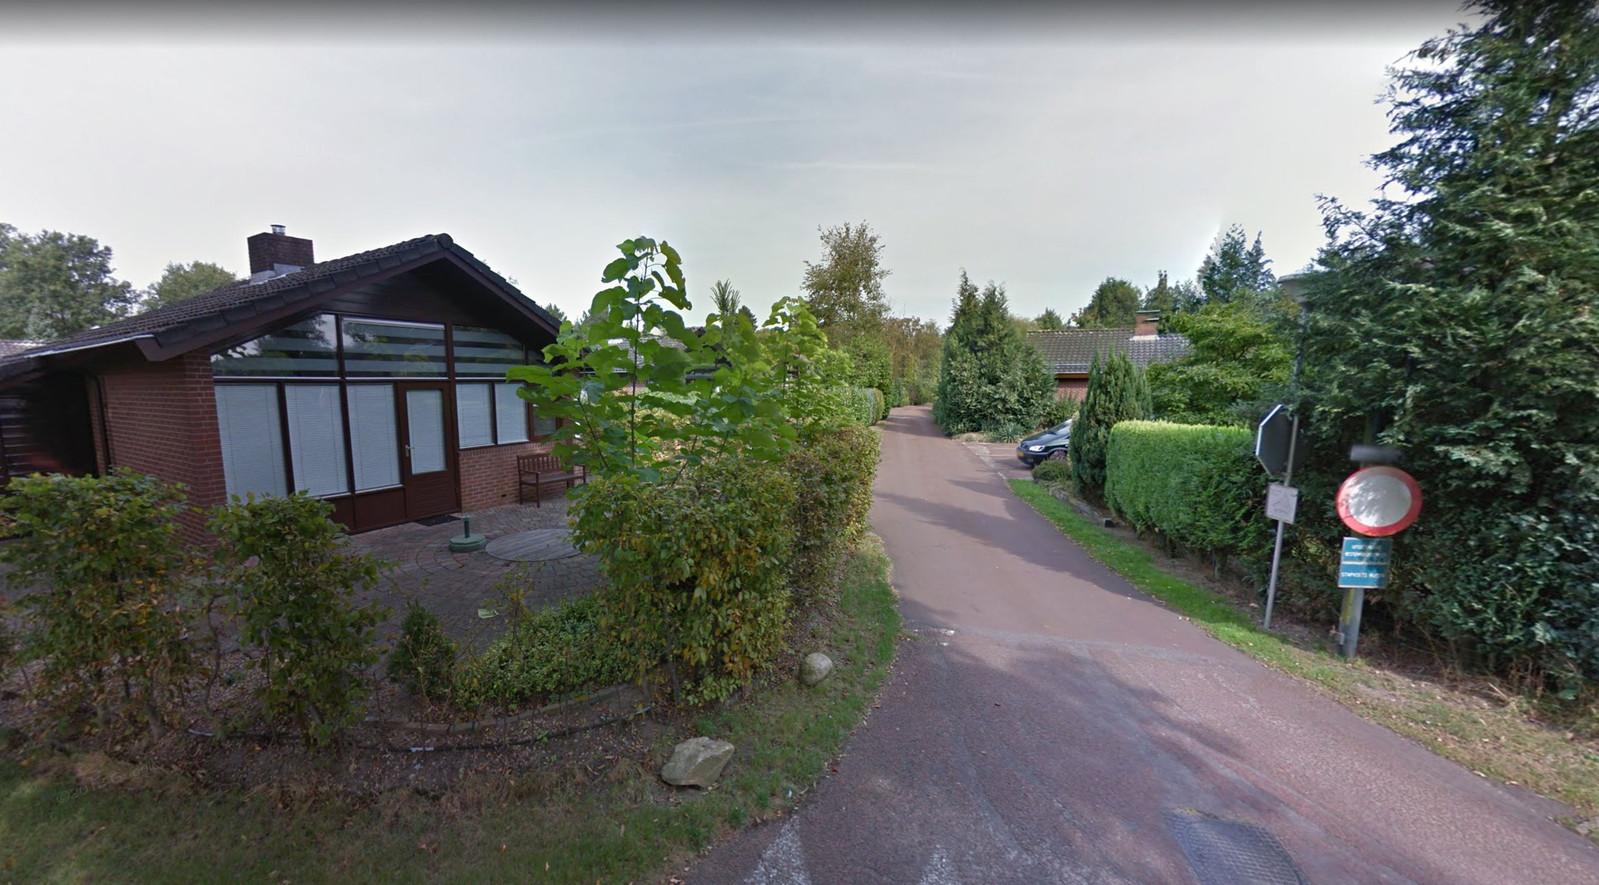 Recreatiepark Schepersveld in het buitengebied van Aalten.